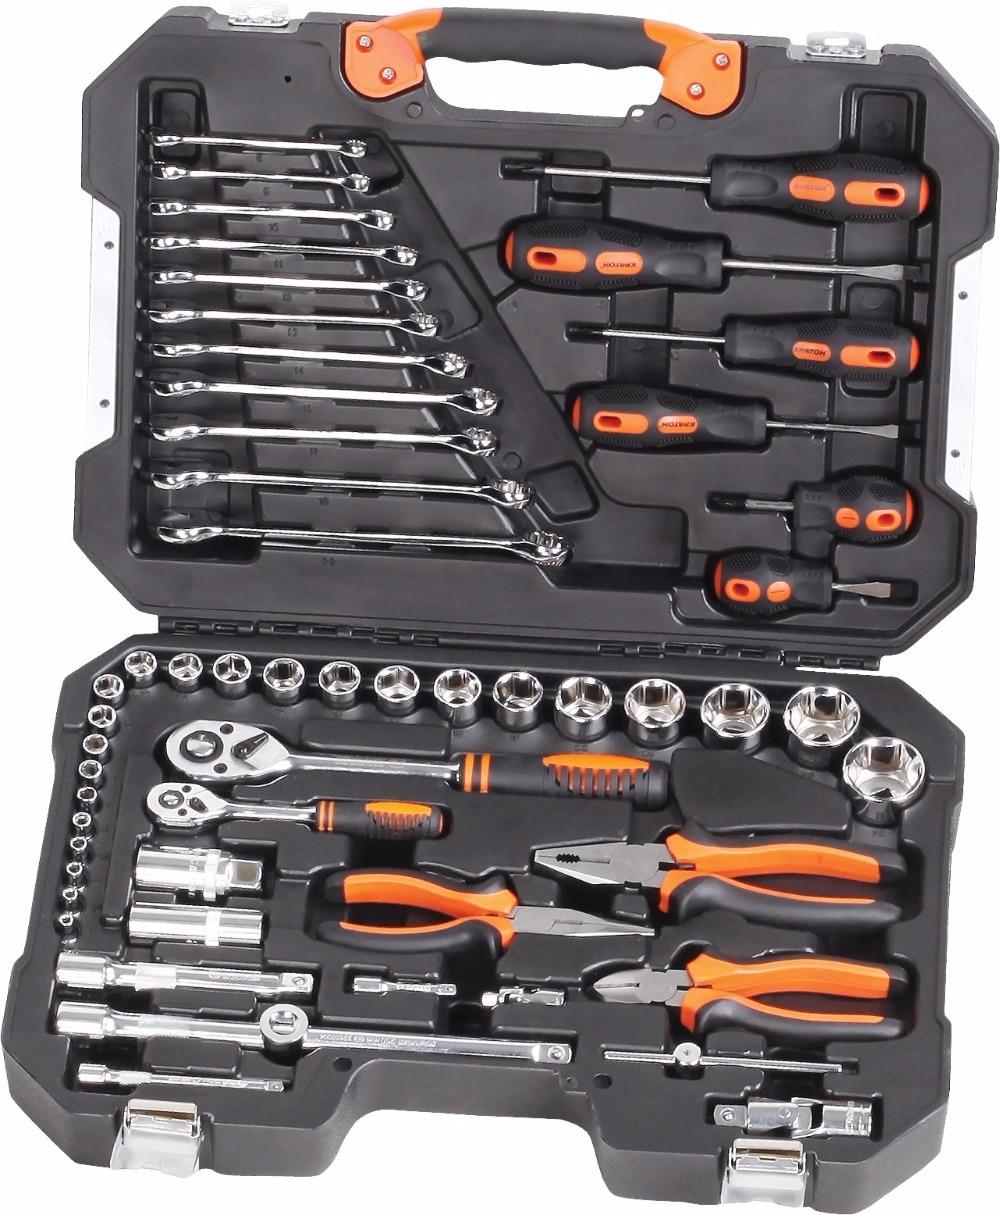 цена Set of tools KRATON TS-24